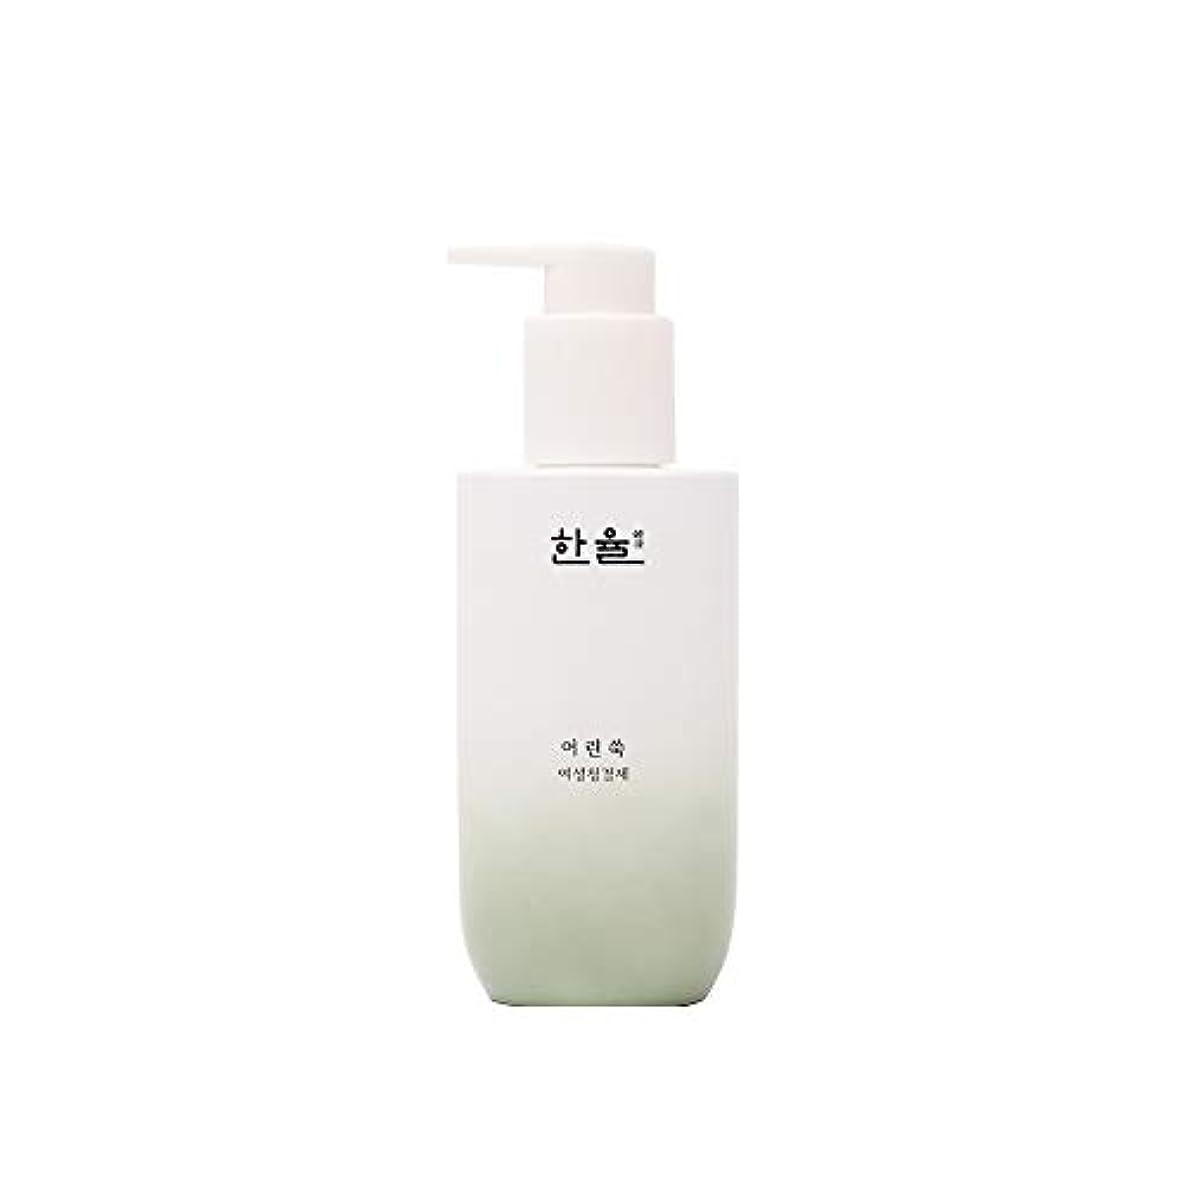 エージェント動物該当する【HANYUL公式】 ハンユル フェミニンケアジェル 200ml / Hanyul Pure Artemisia Feminine care gel 200ml